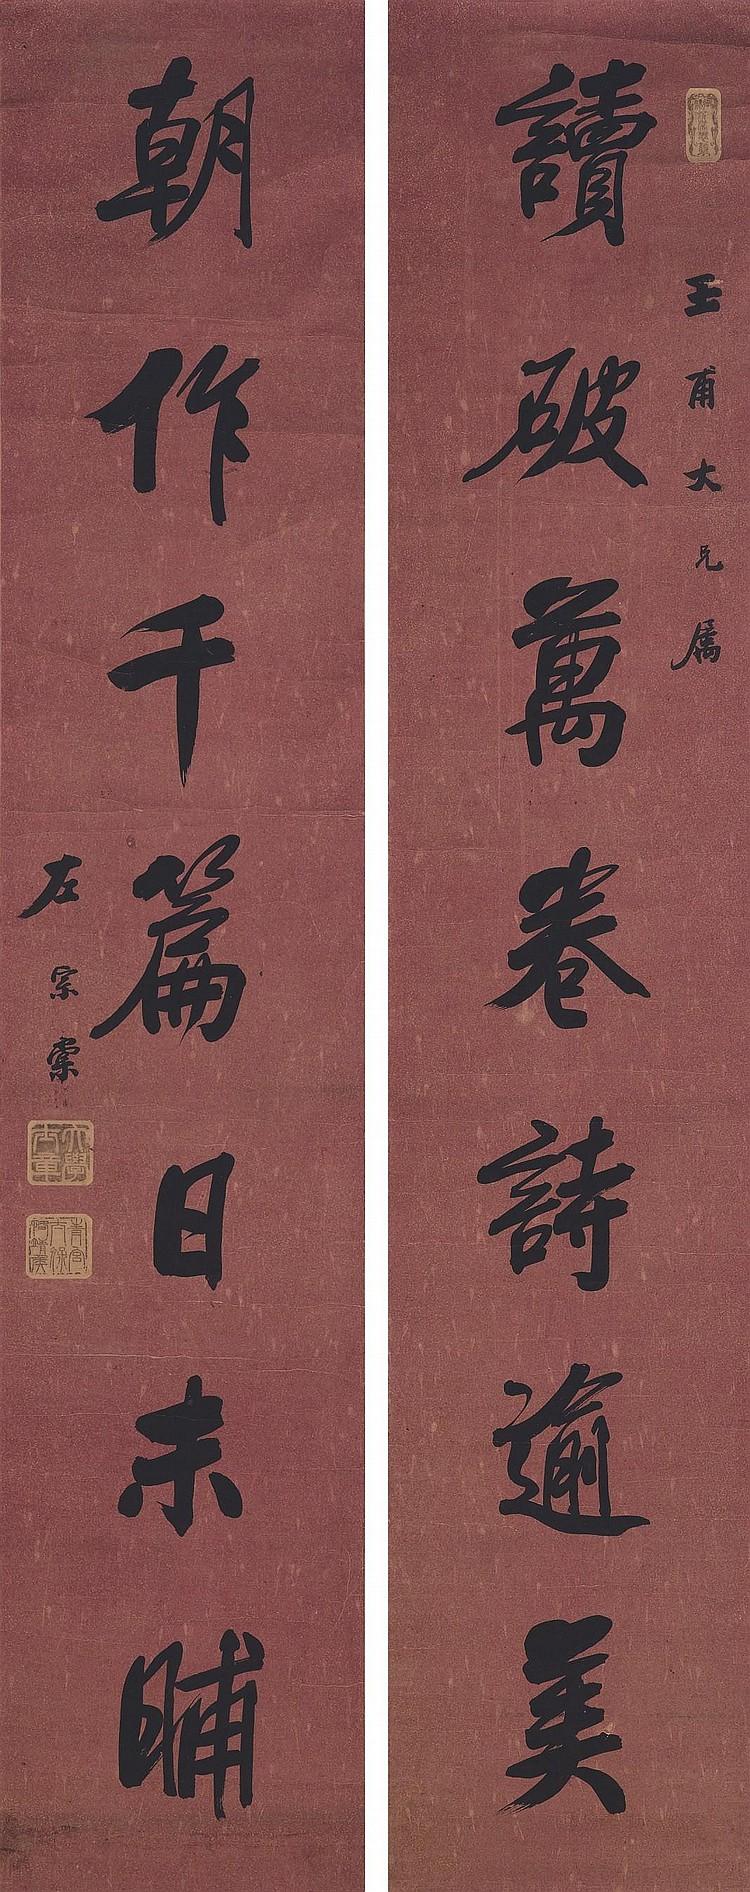 ZUO ZONGTANG (1812 - 1885)